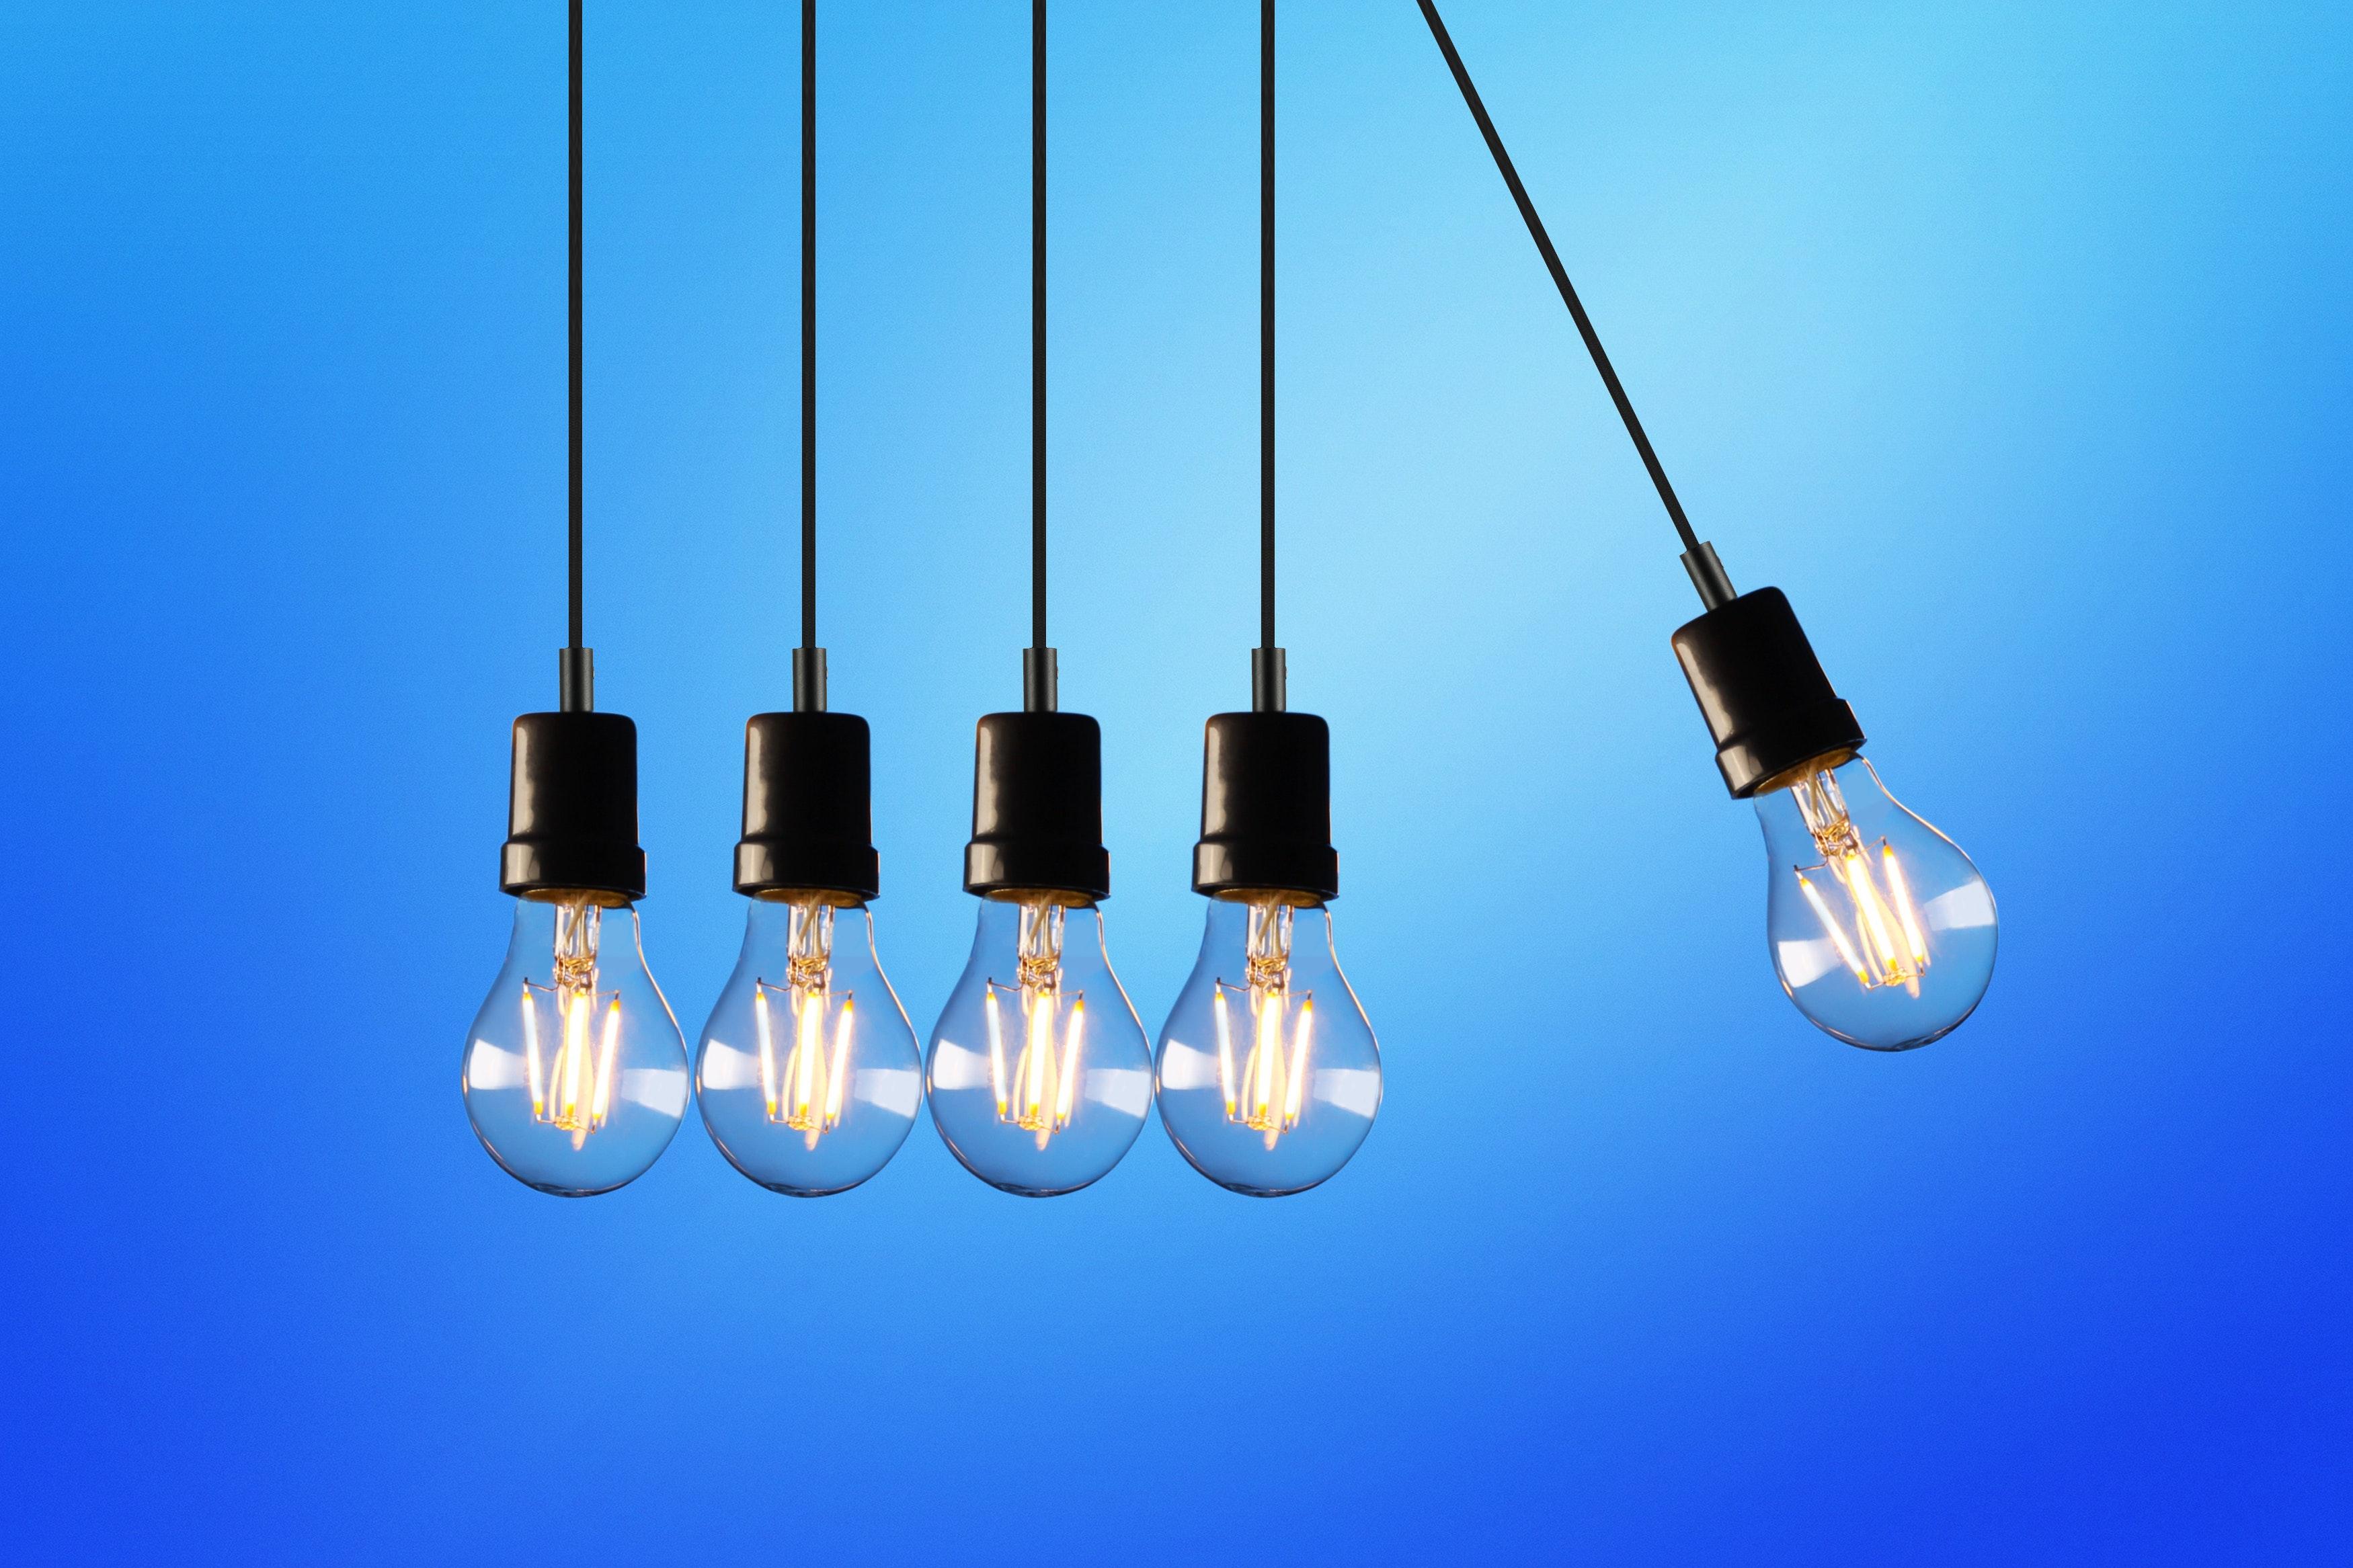 pexels rodolfo clix 1036936 - Opgrader din belysning med LED-pærer